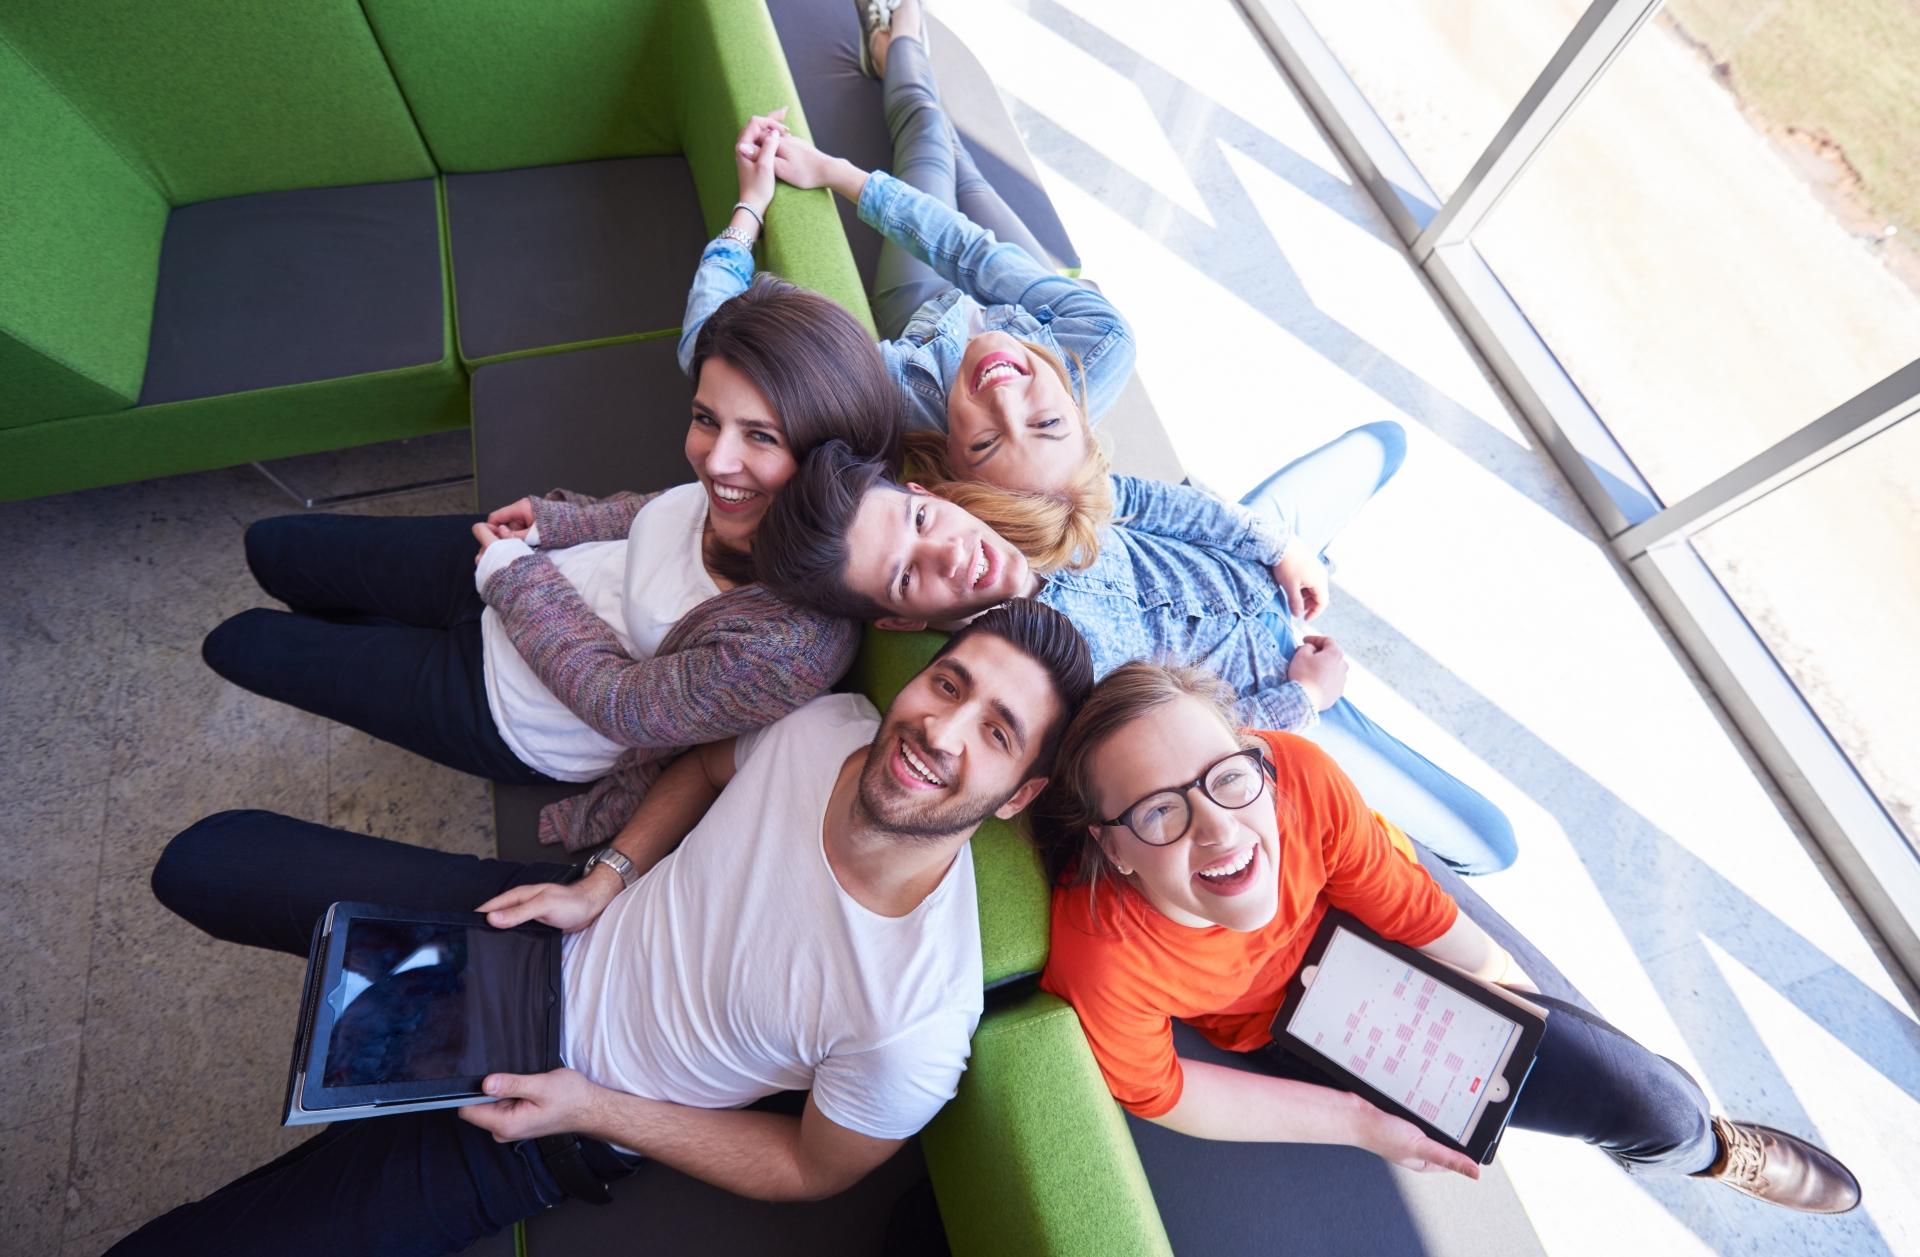 Studenti Aarhus univerzity v Dánsku